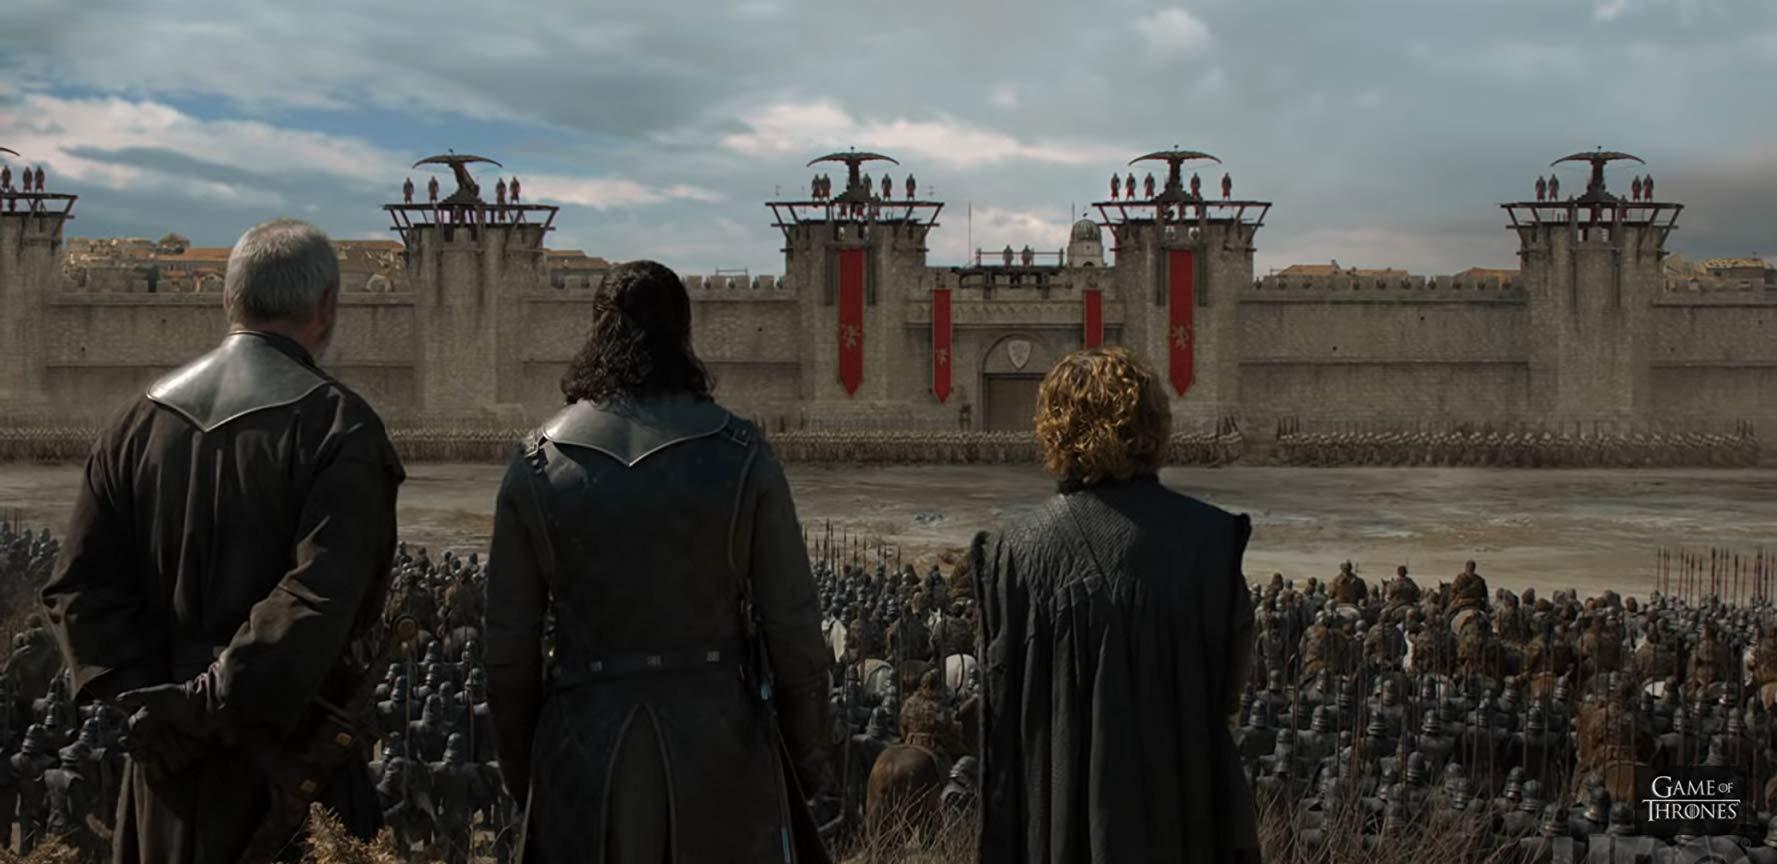 Il trono di spade: Liam Cunningham, Peter Dinklage, Kit Harington in una scena del penultimo episodio della serie